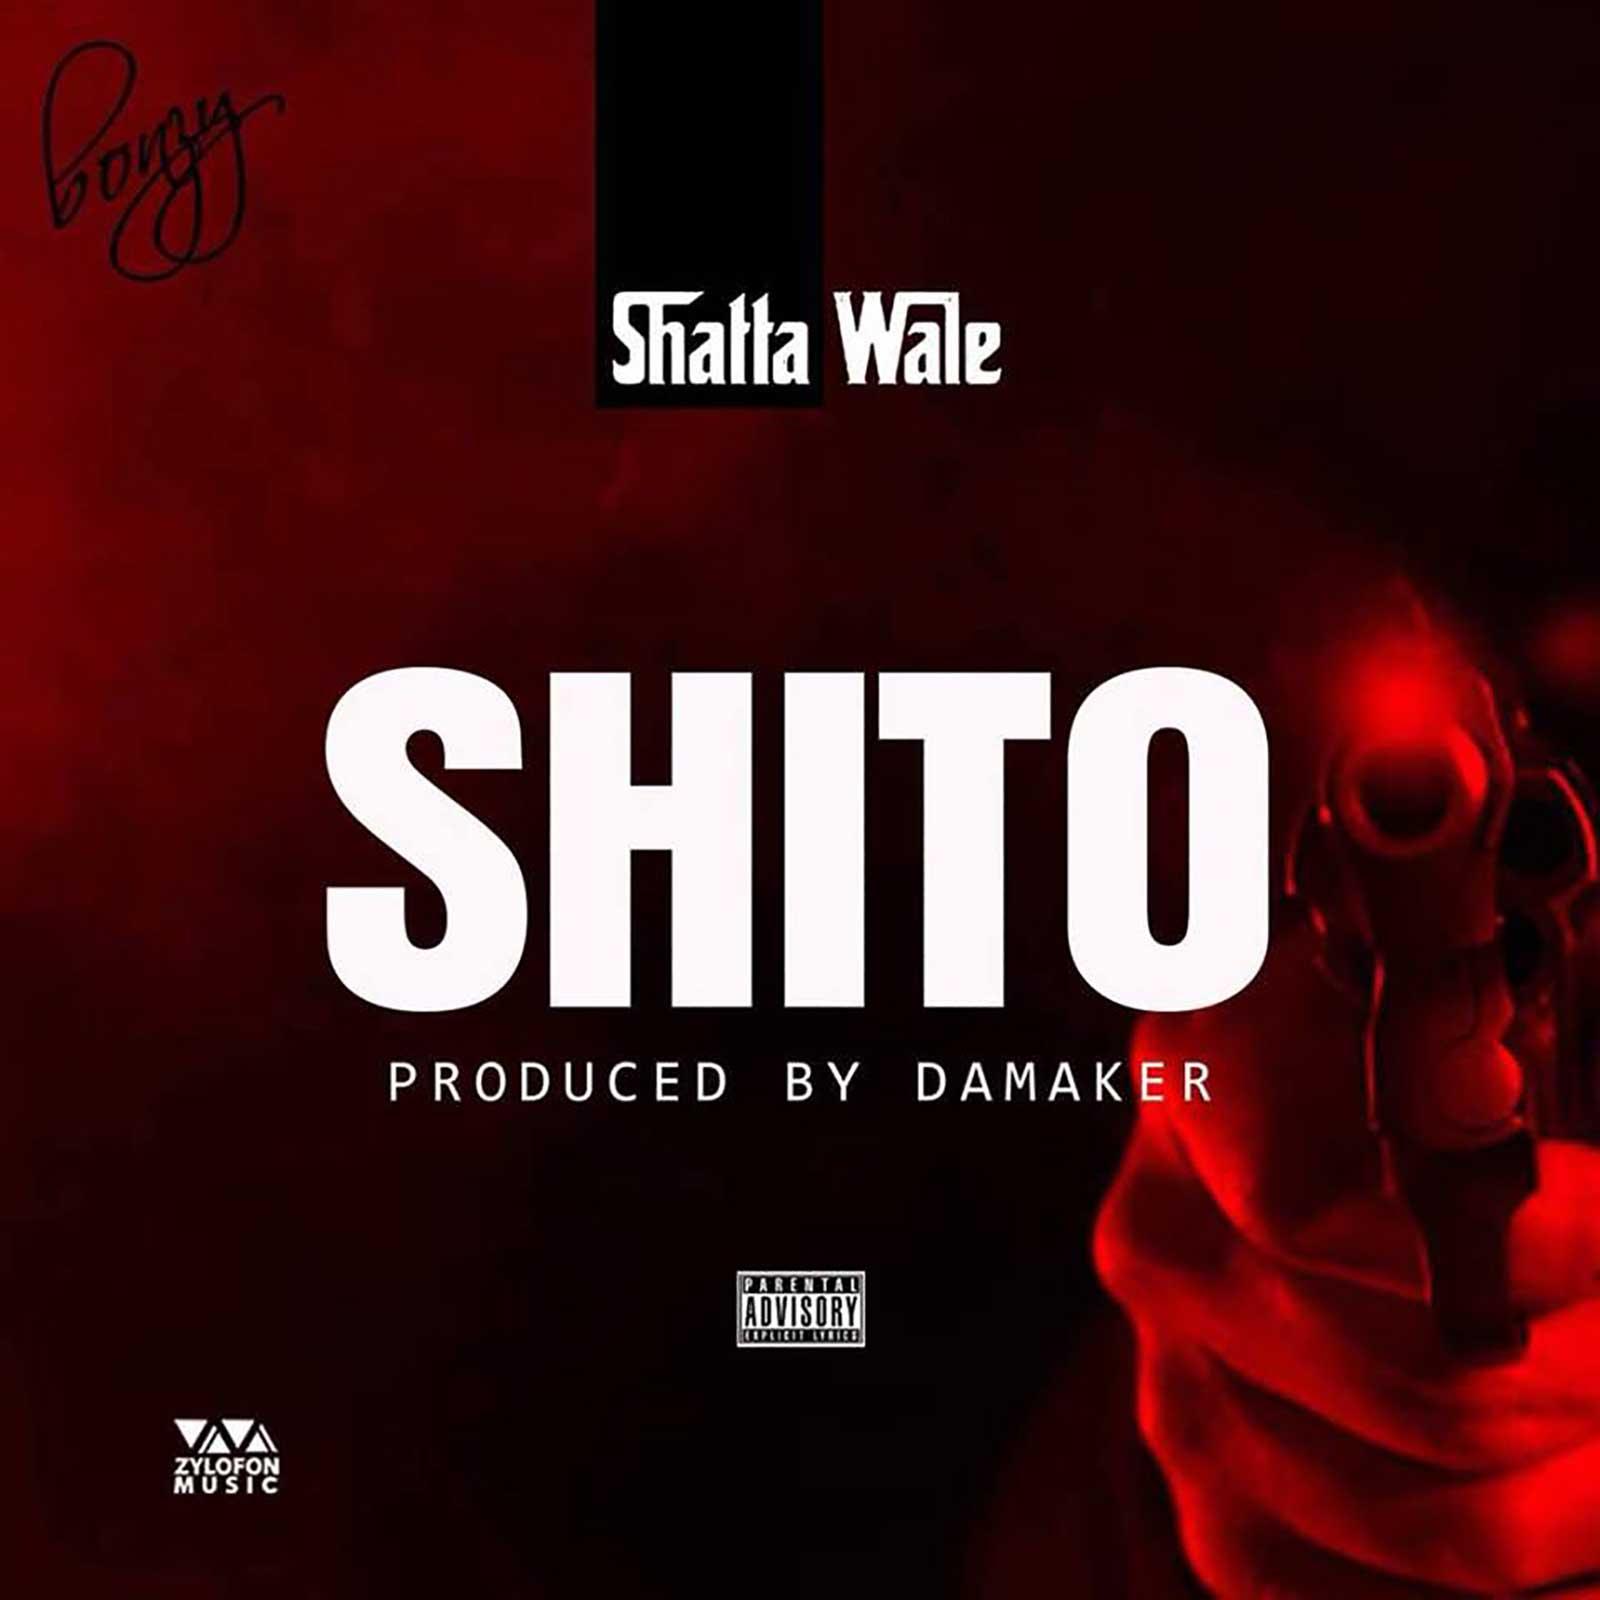 Shatta Wale - Shito